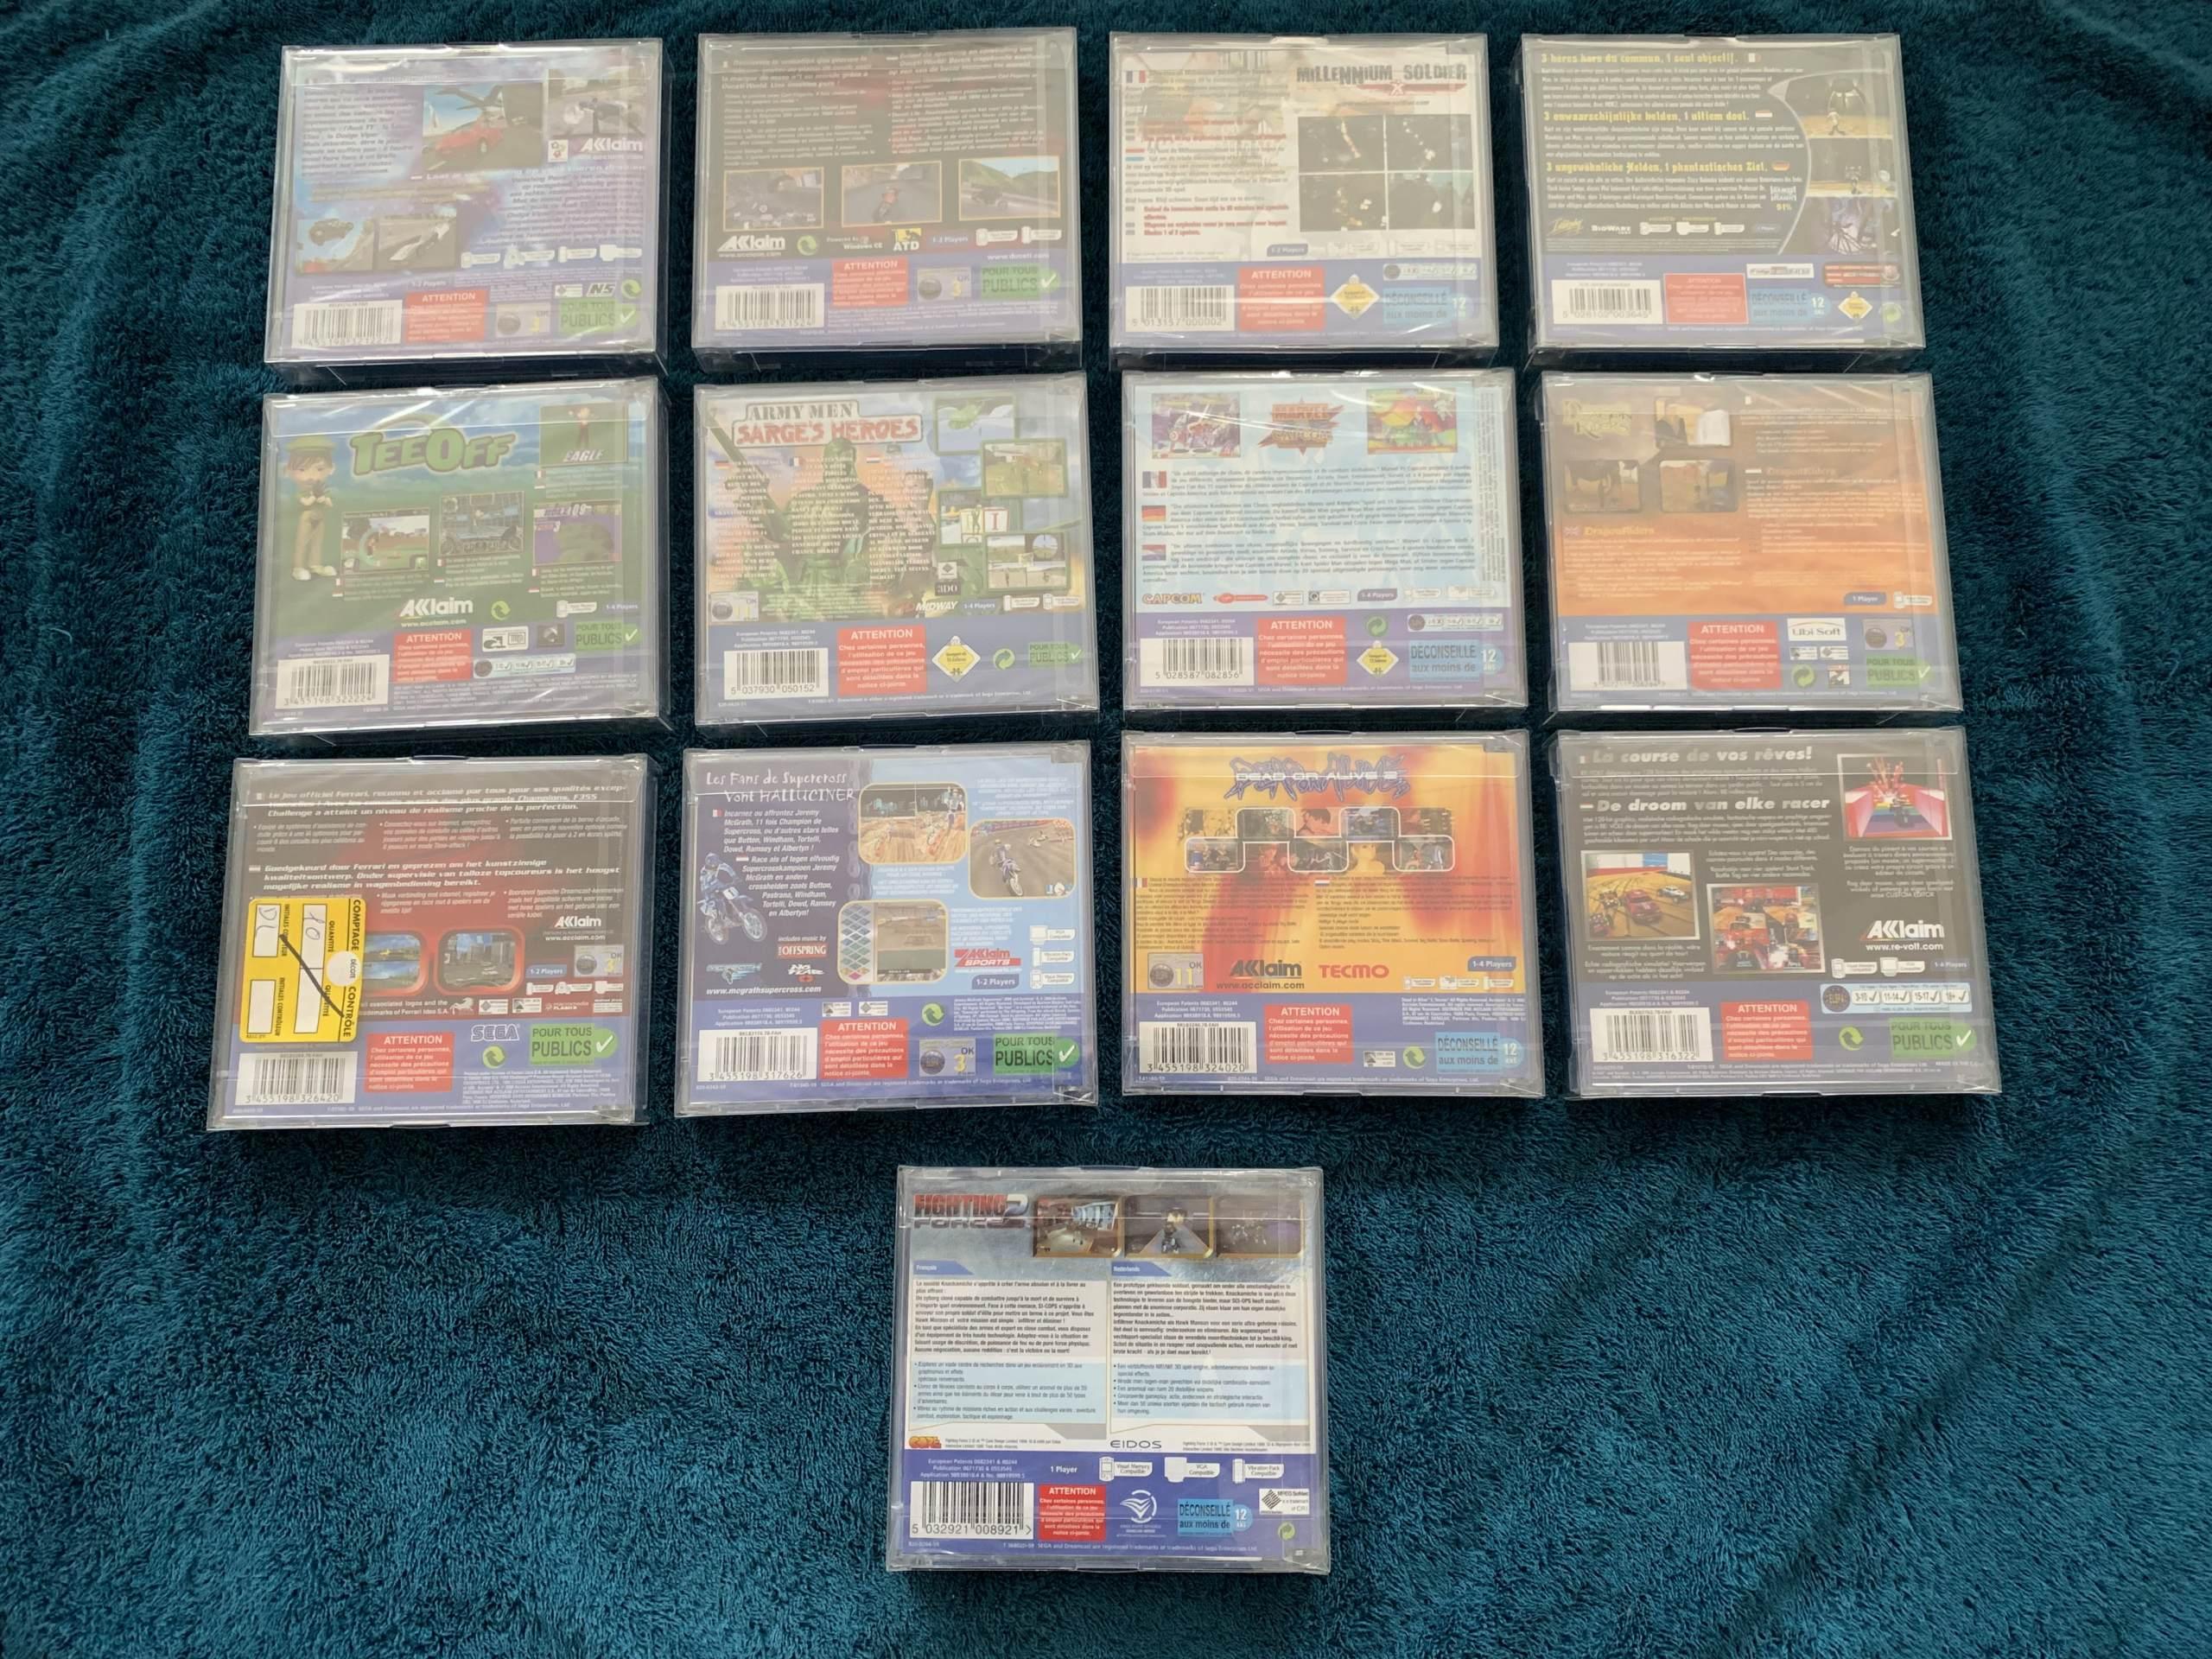 [VENDU] Fullset Jeux Dreamcast, Accessoires, Promo, Rigides... - 350 pièces - NEUF SOUS BLISTER 014_fu10